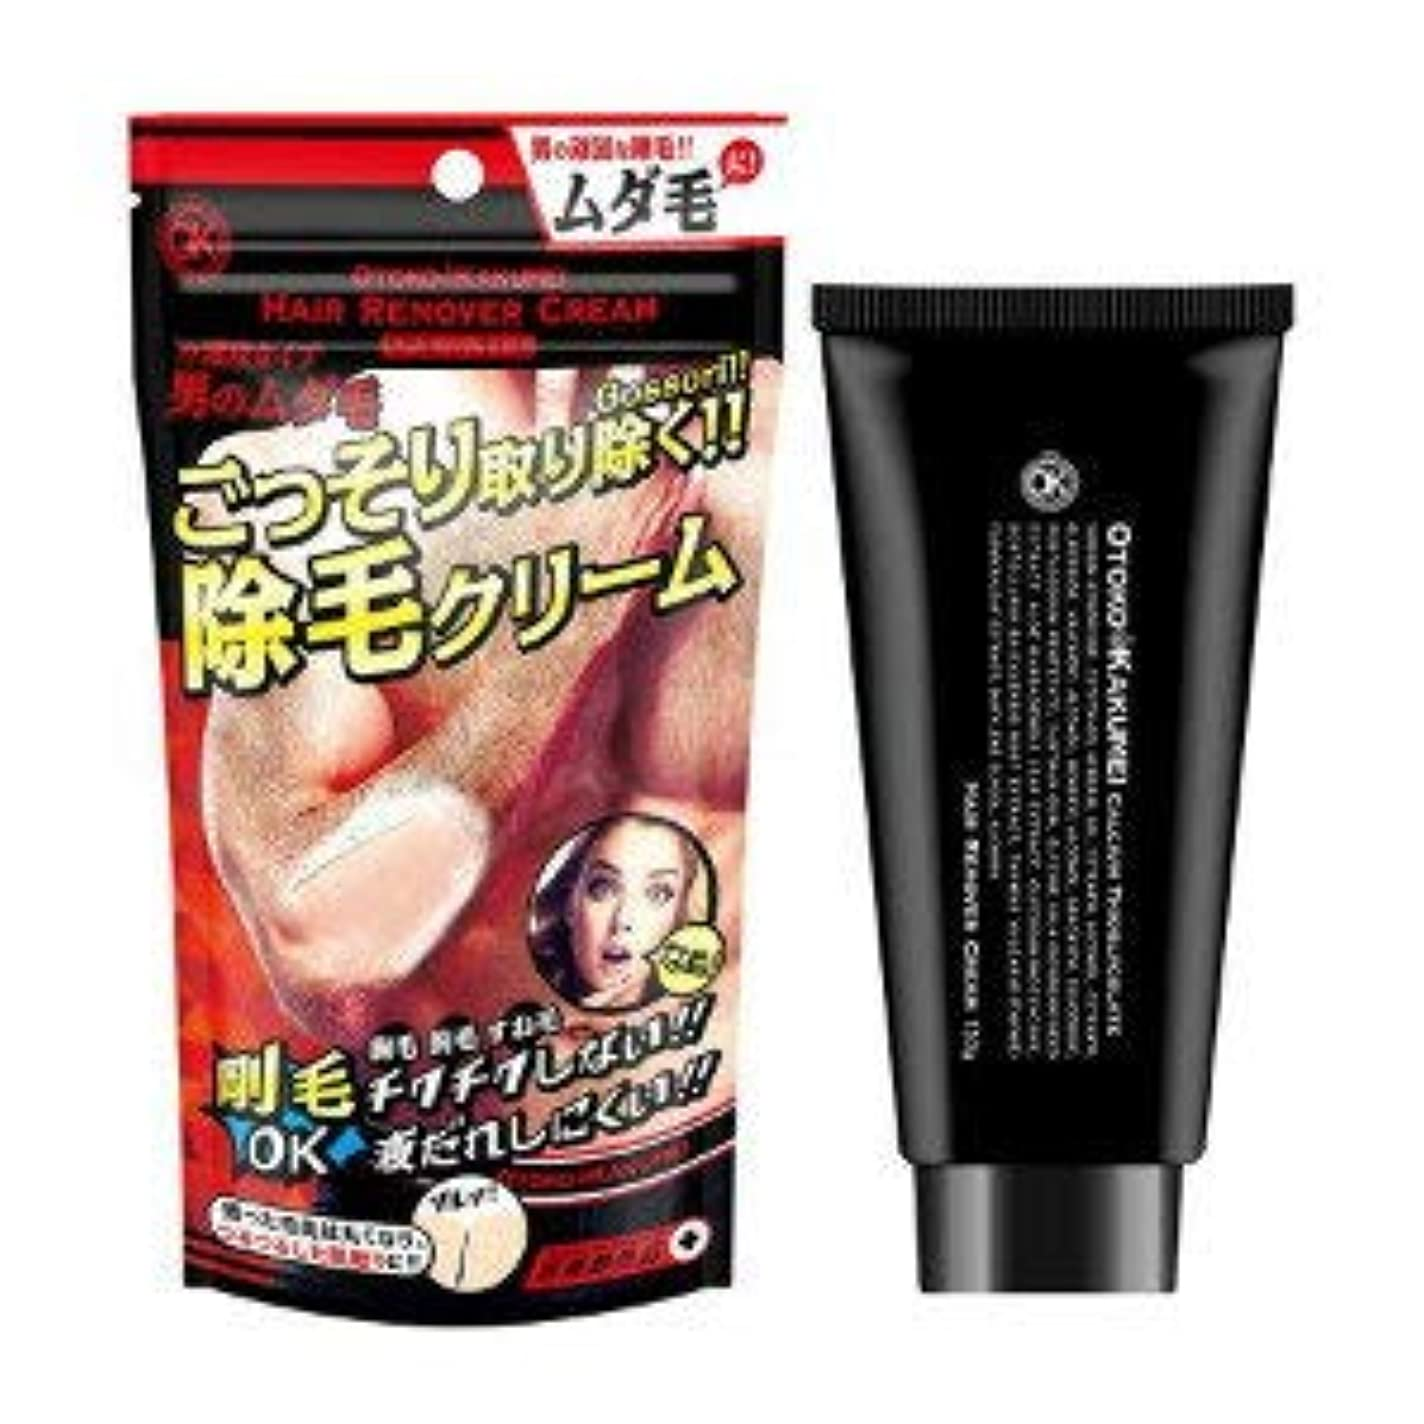 デクリメント皮肉な騒ぎGR OTOKO KAKUMEI ヘアリムーバークリーム 130g×5個セット (医薬部外品)